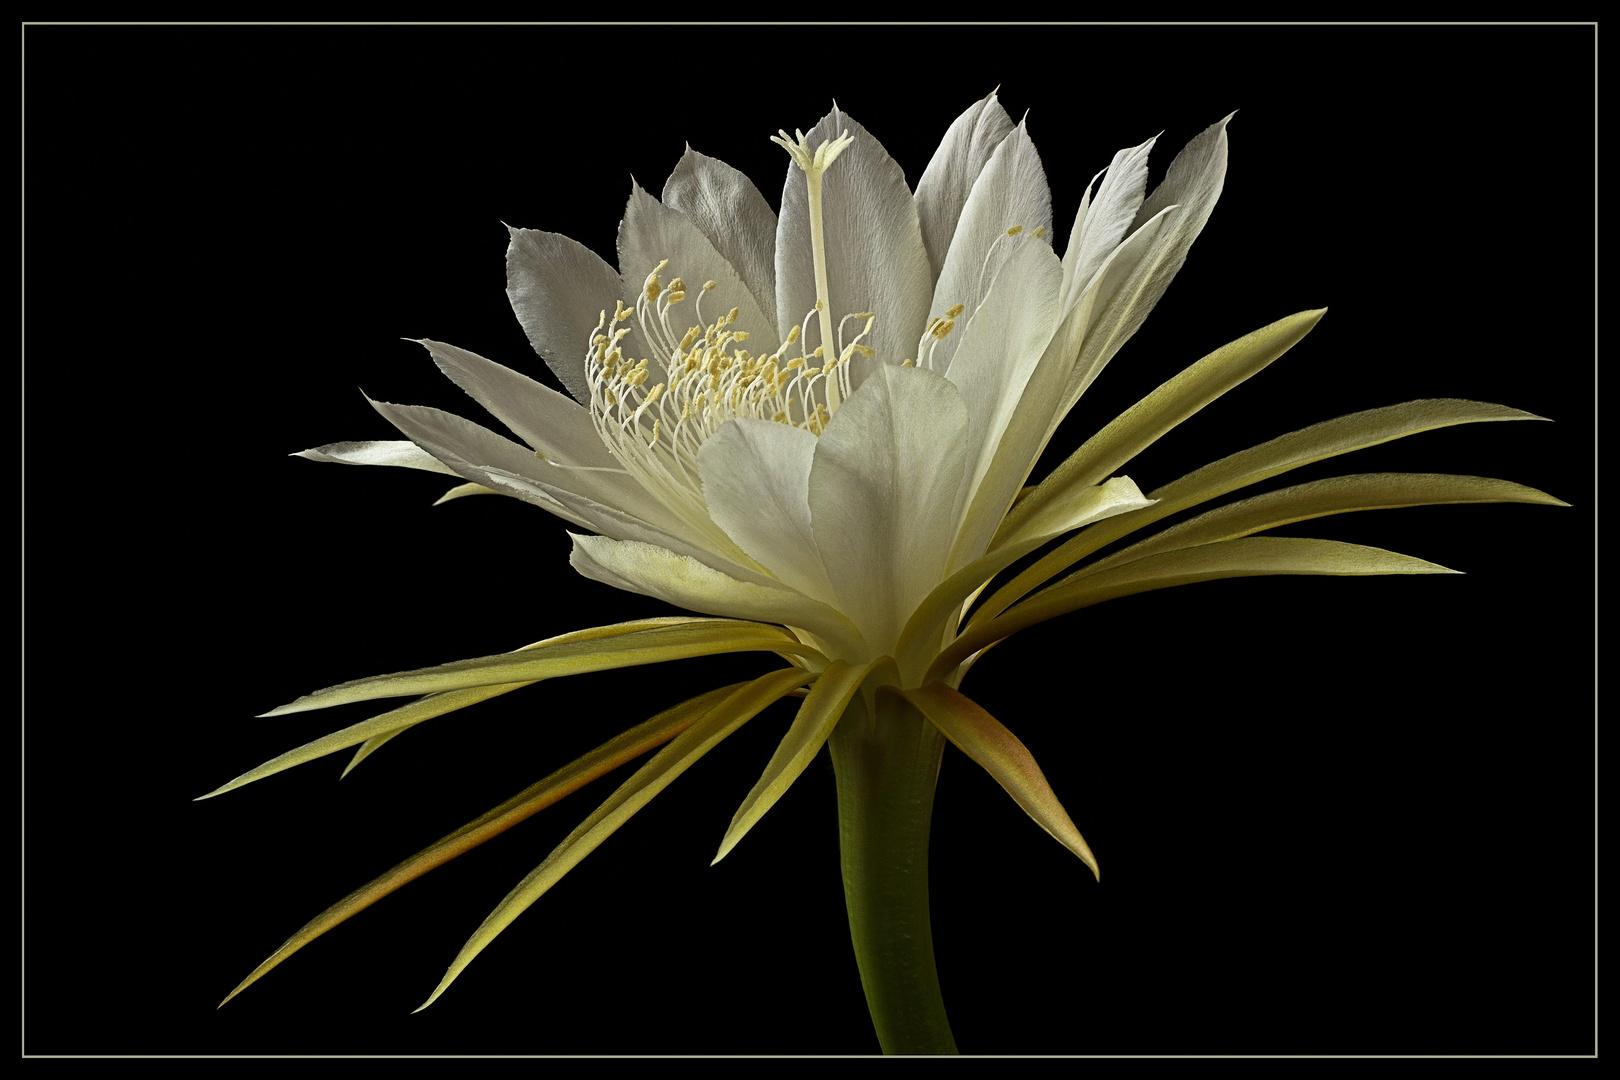 Pünktlich im Juli erfreut uns jedes Jahr der Kaktus mit solch wundervollen Blüten